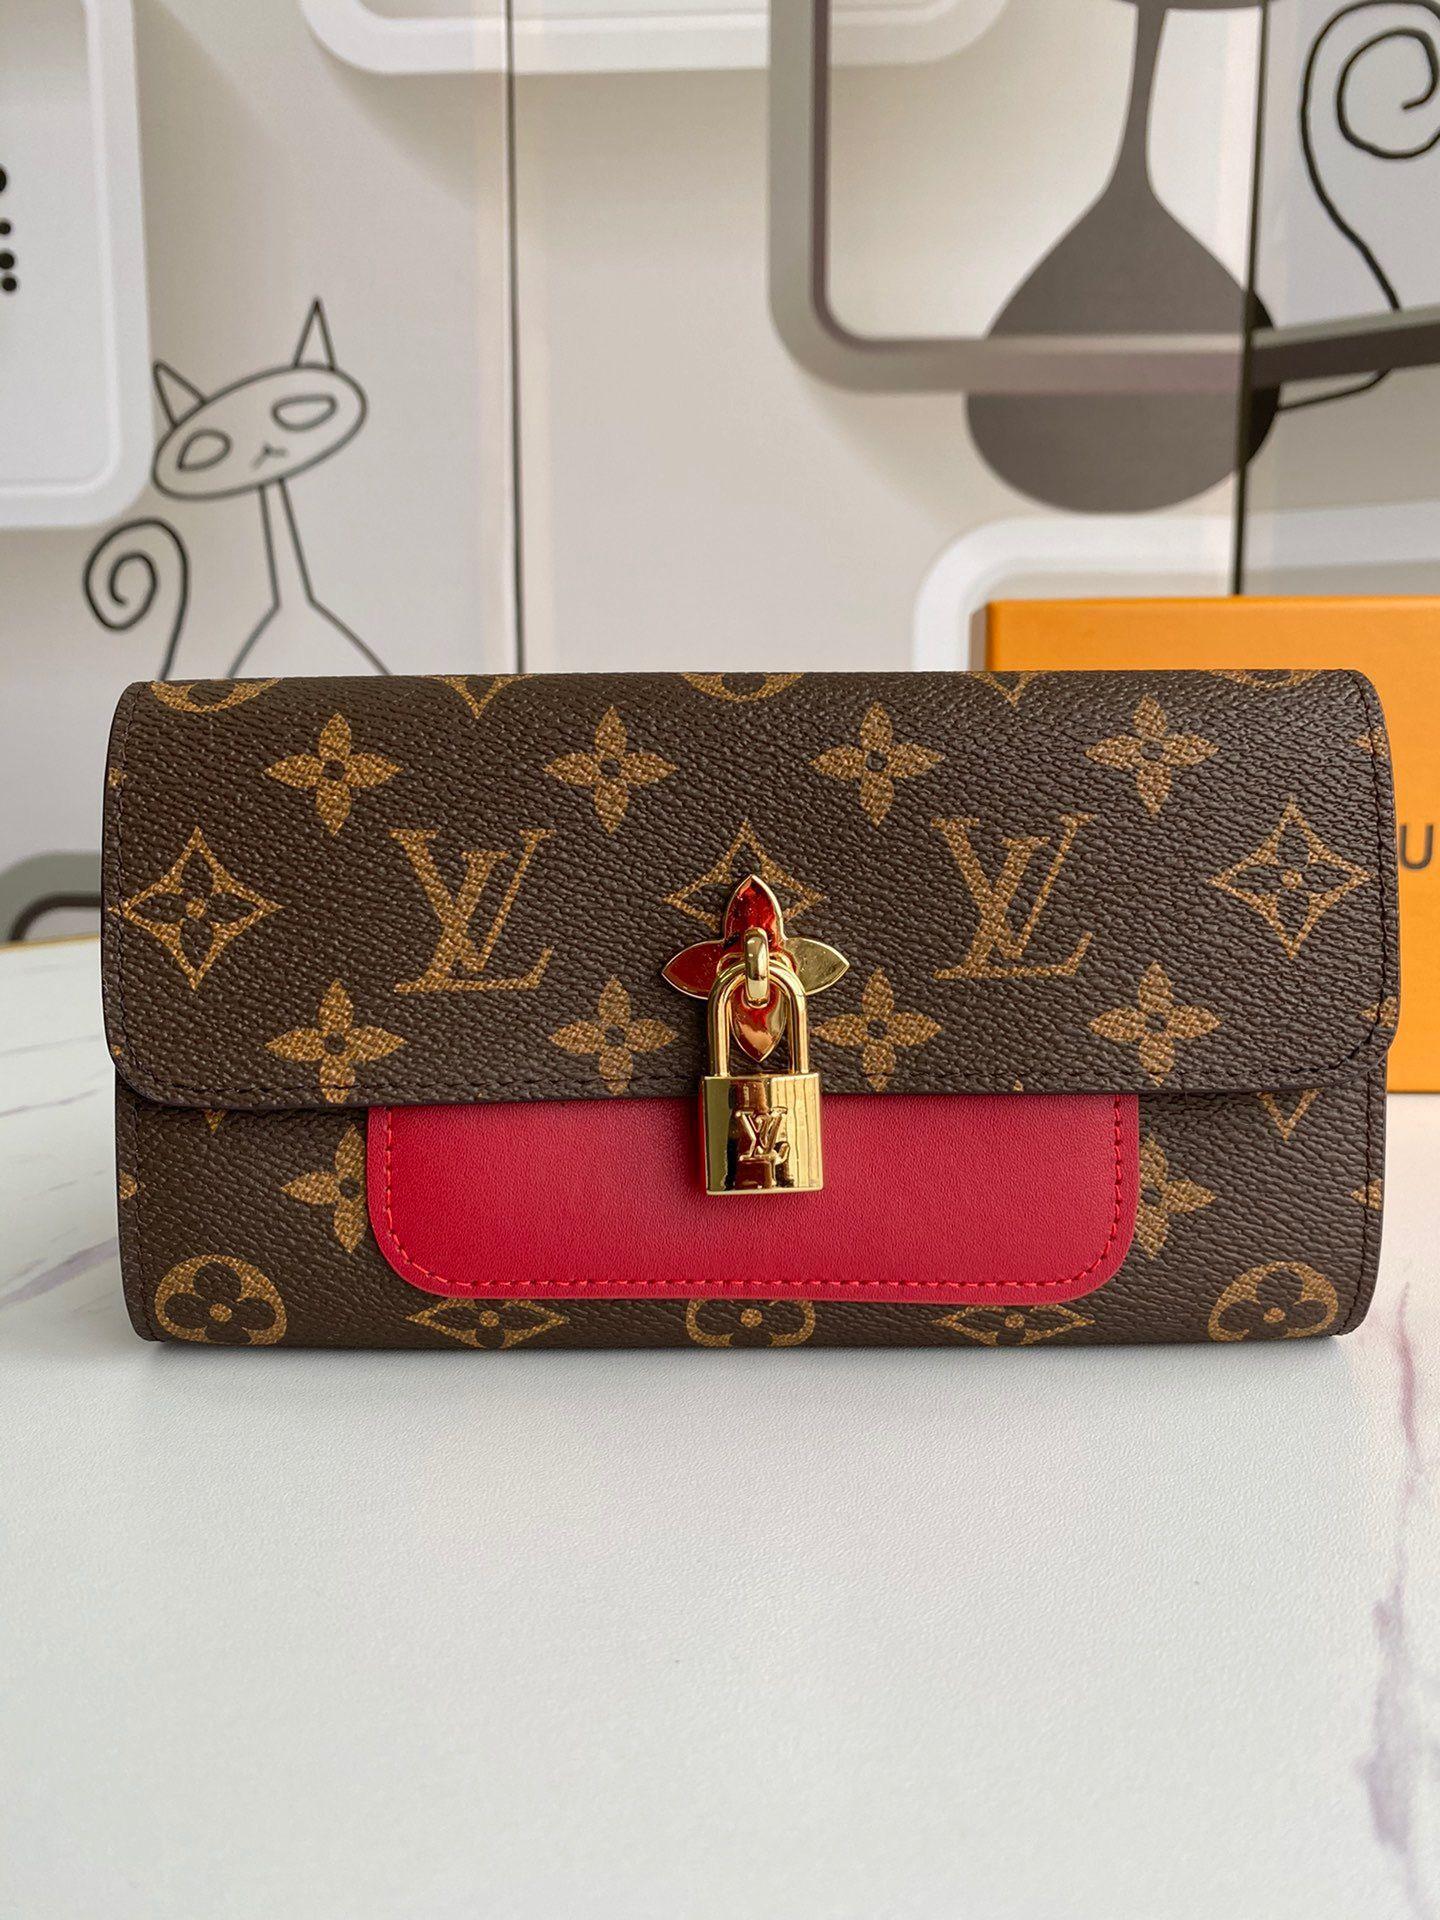 2020 melhor carteira abelha ouro longo zíper com caixa de mulheres marca de couro genuíno carteira quadrada mulheres bolsa carteira de couro 19-9.5-3cm M62566 02